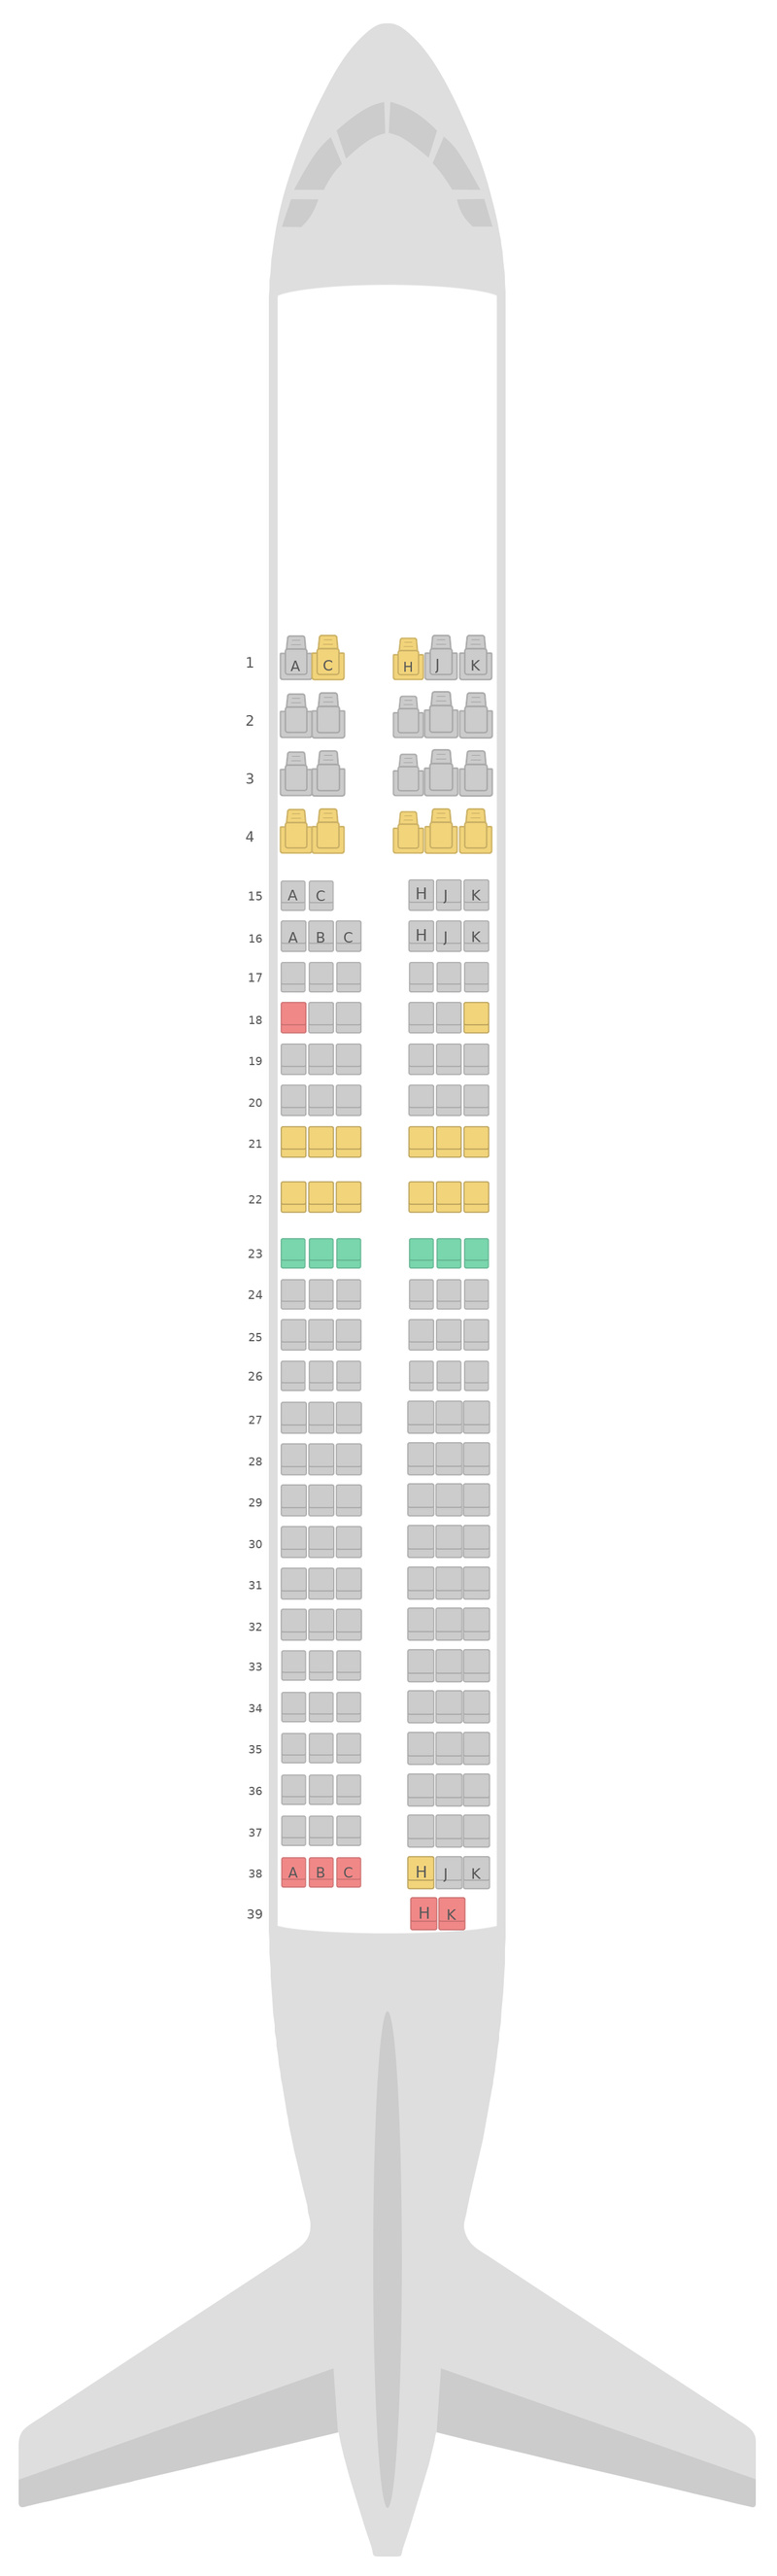 Mapa de asientos Boeing 737-800 (738) v1 Japan Airlines (JAL)